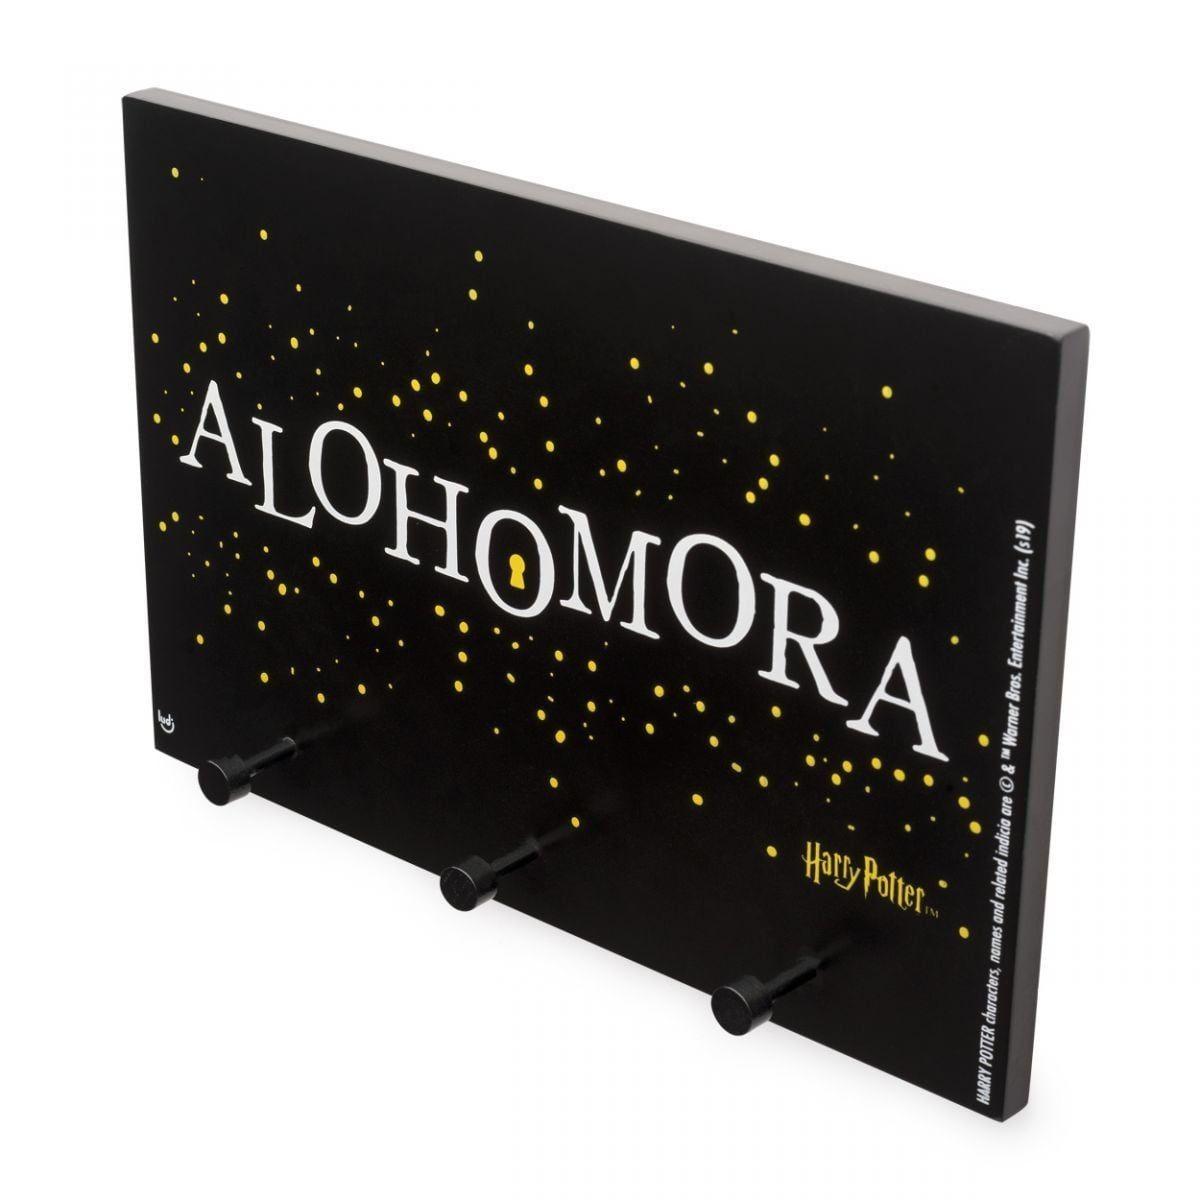 Porta Chaves HP Alohomora